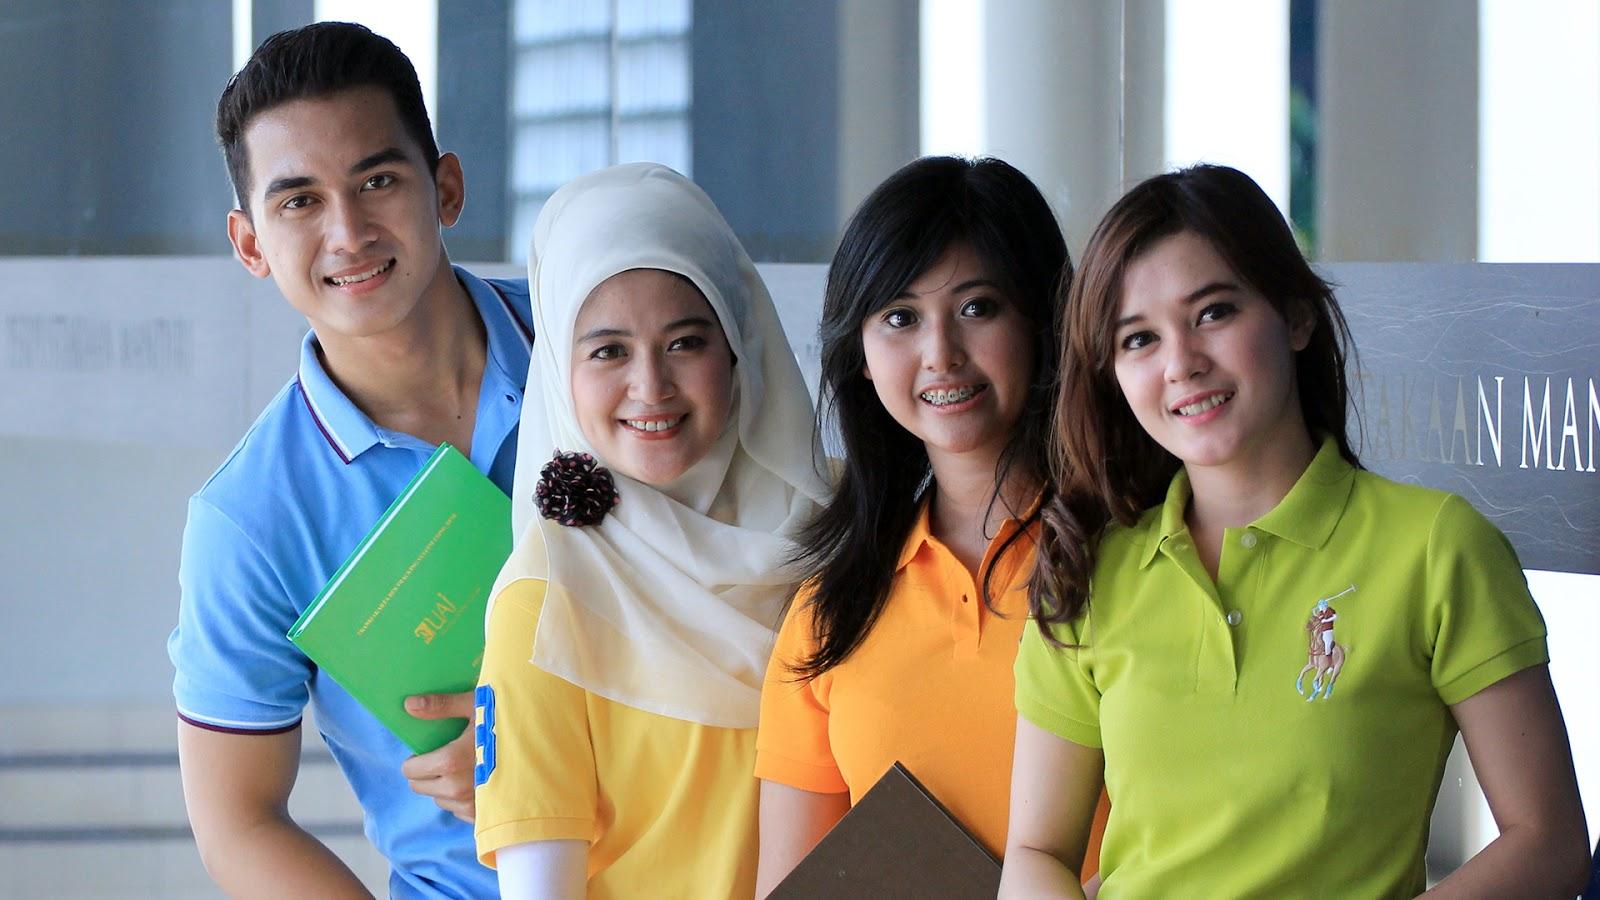 Mahasiswa Poligami tiga Mahasiswi seksi dan cantik hijab